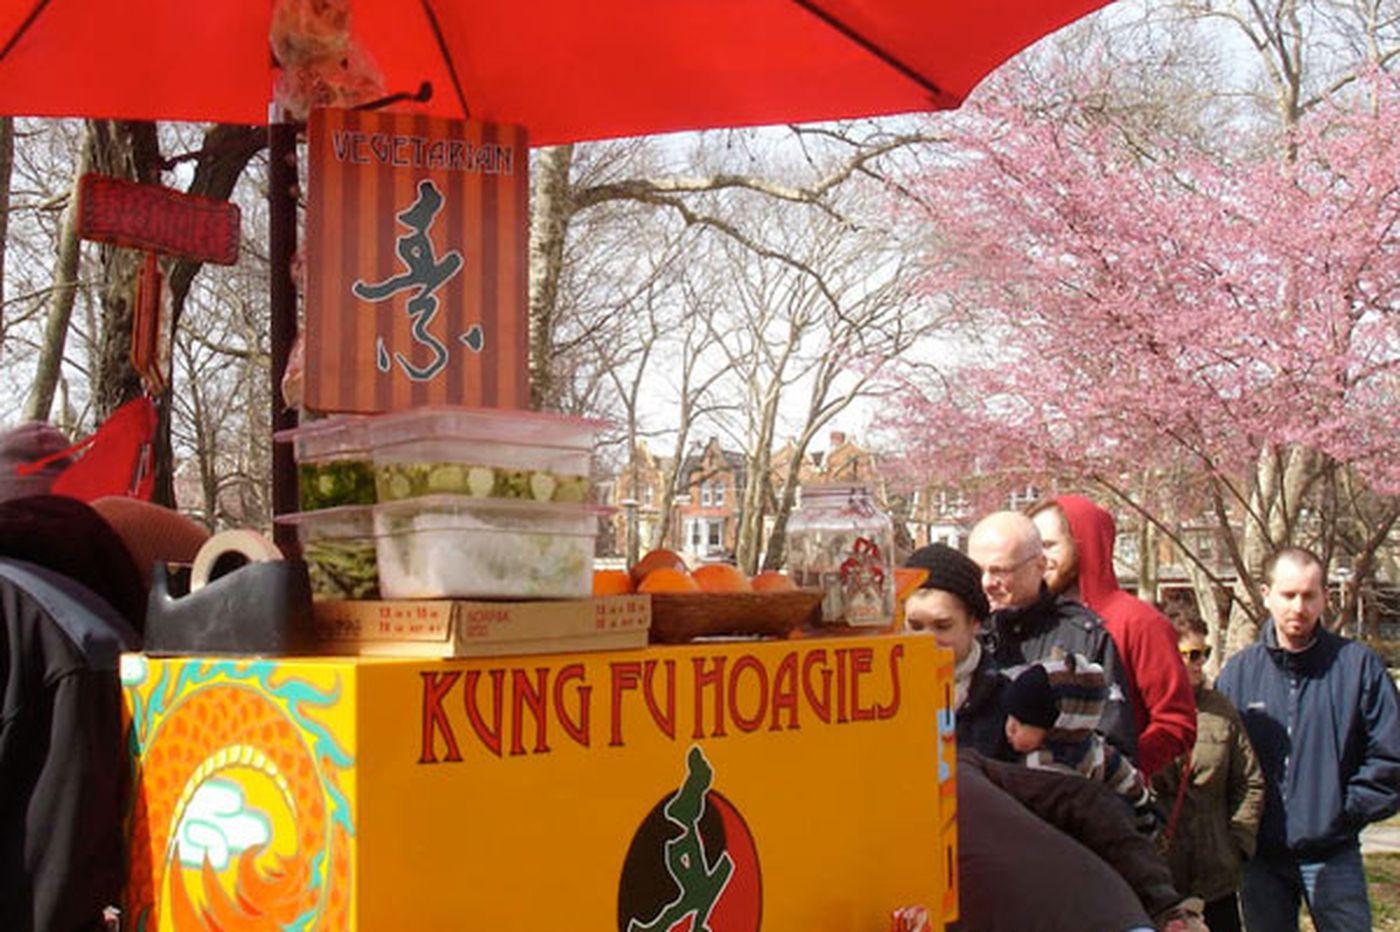 V For Veg: 2012: Philly's Year of the Vegetarian